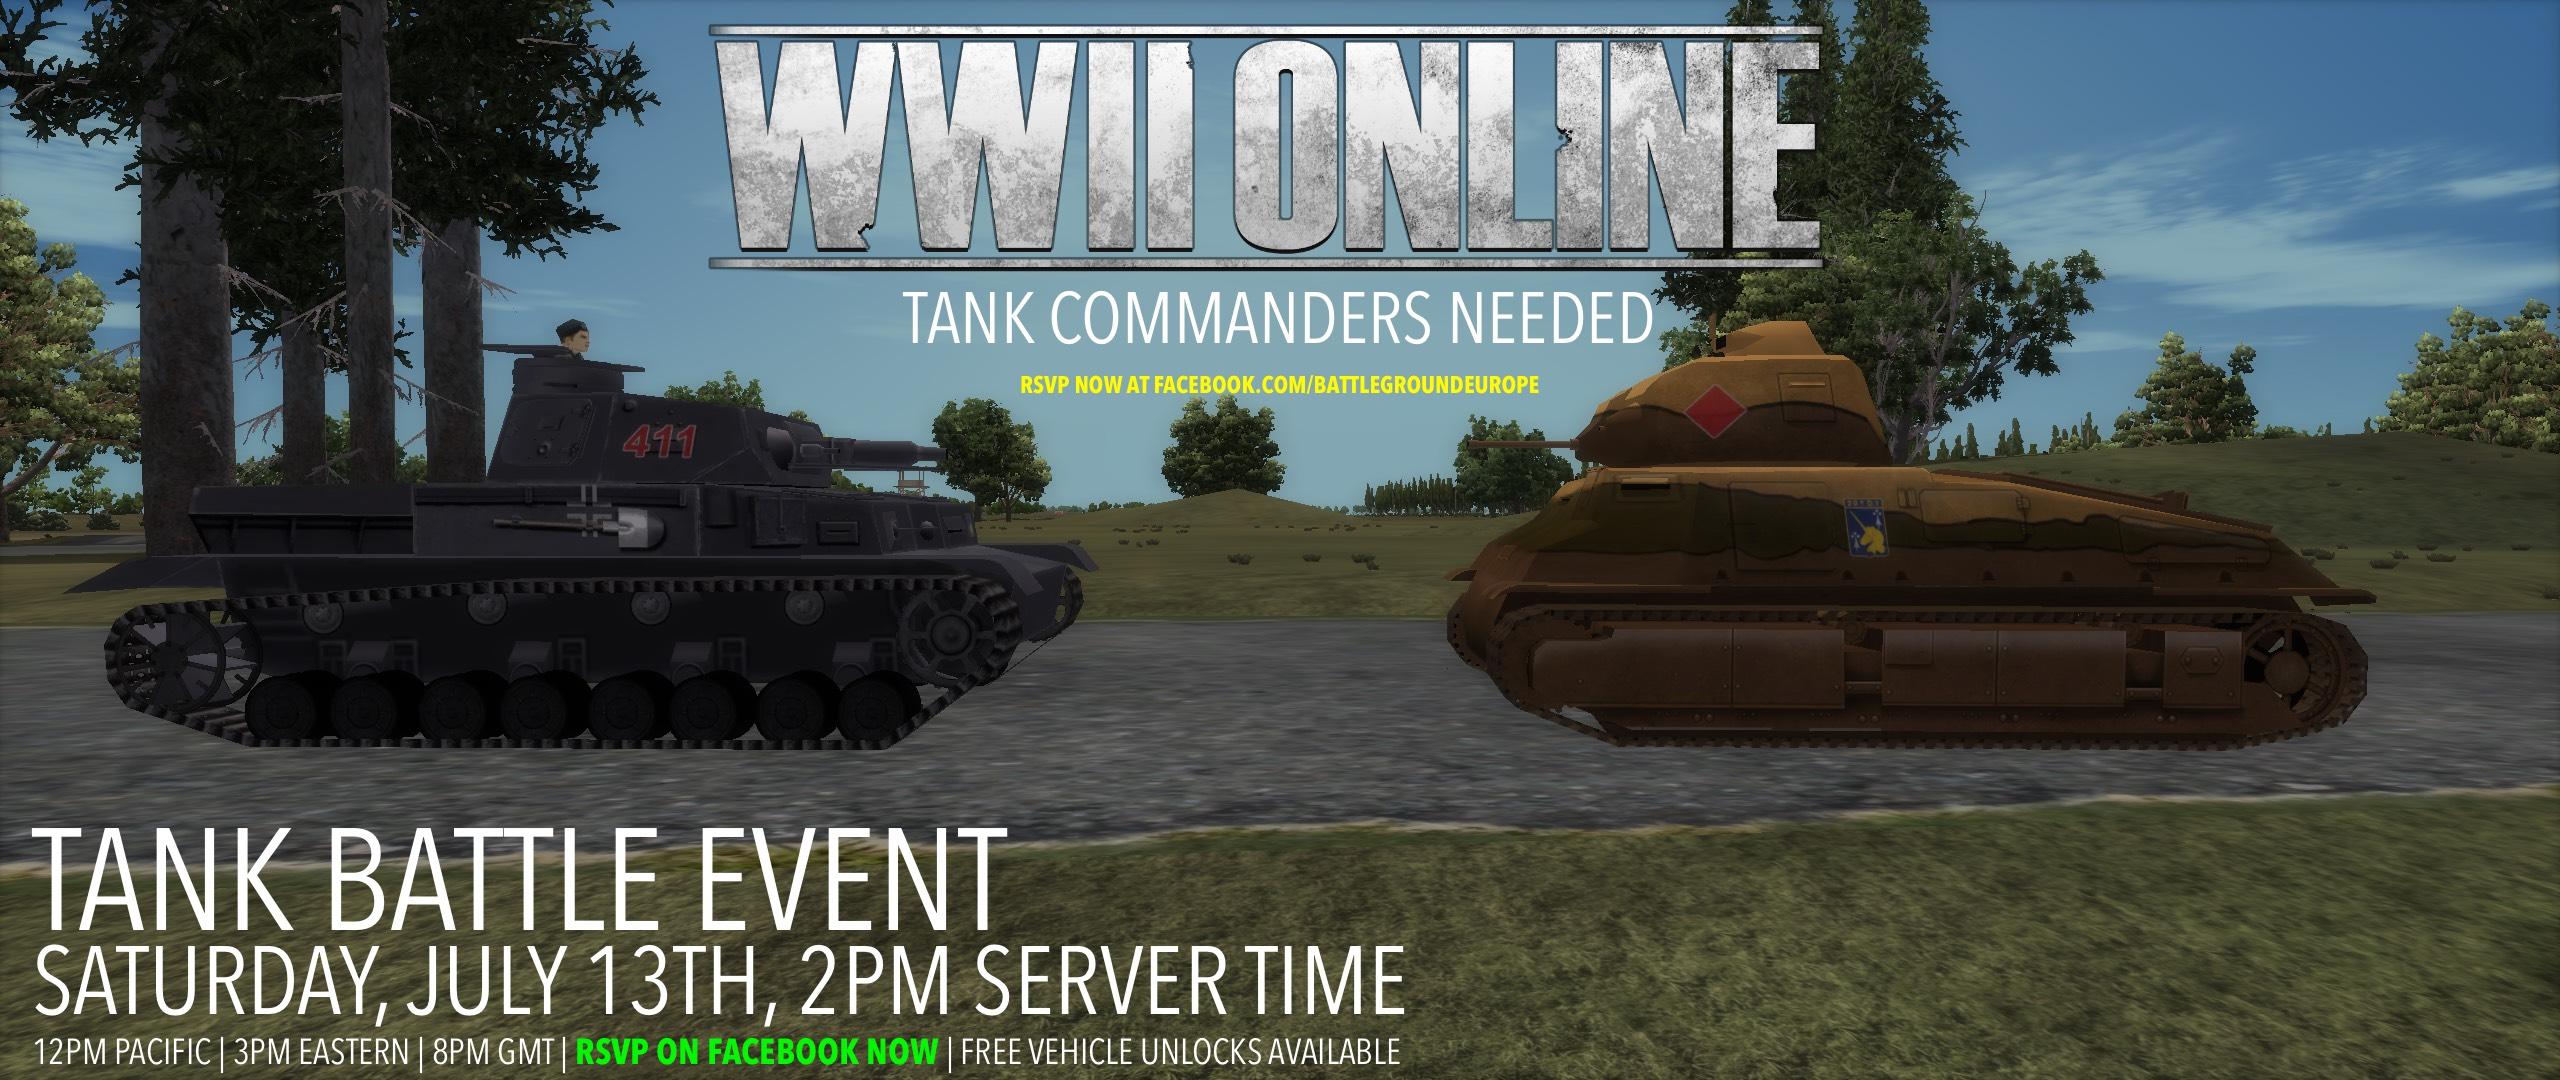 tank-battle-event.jpg